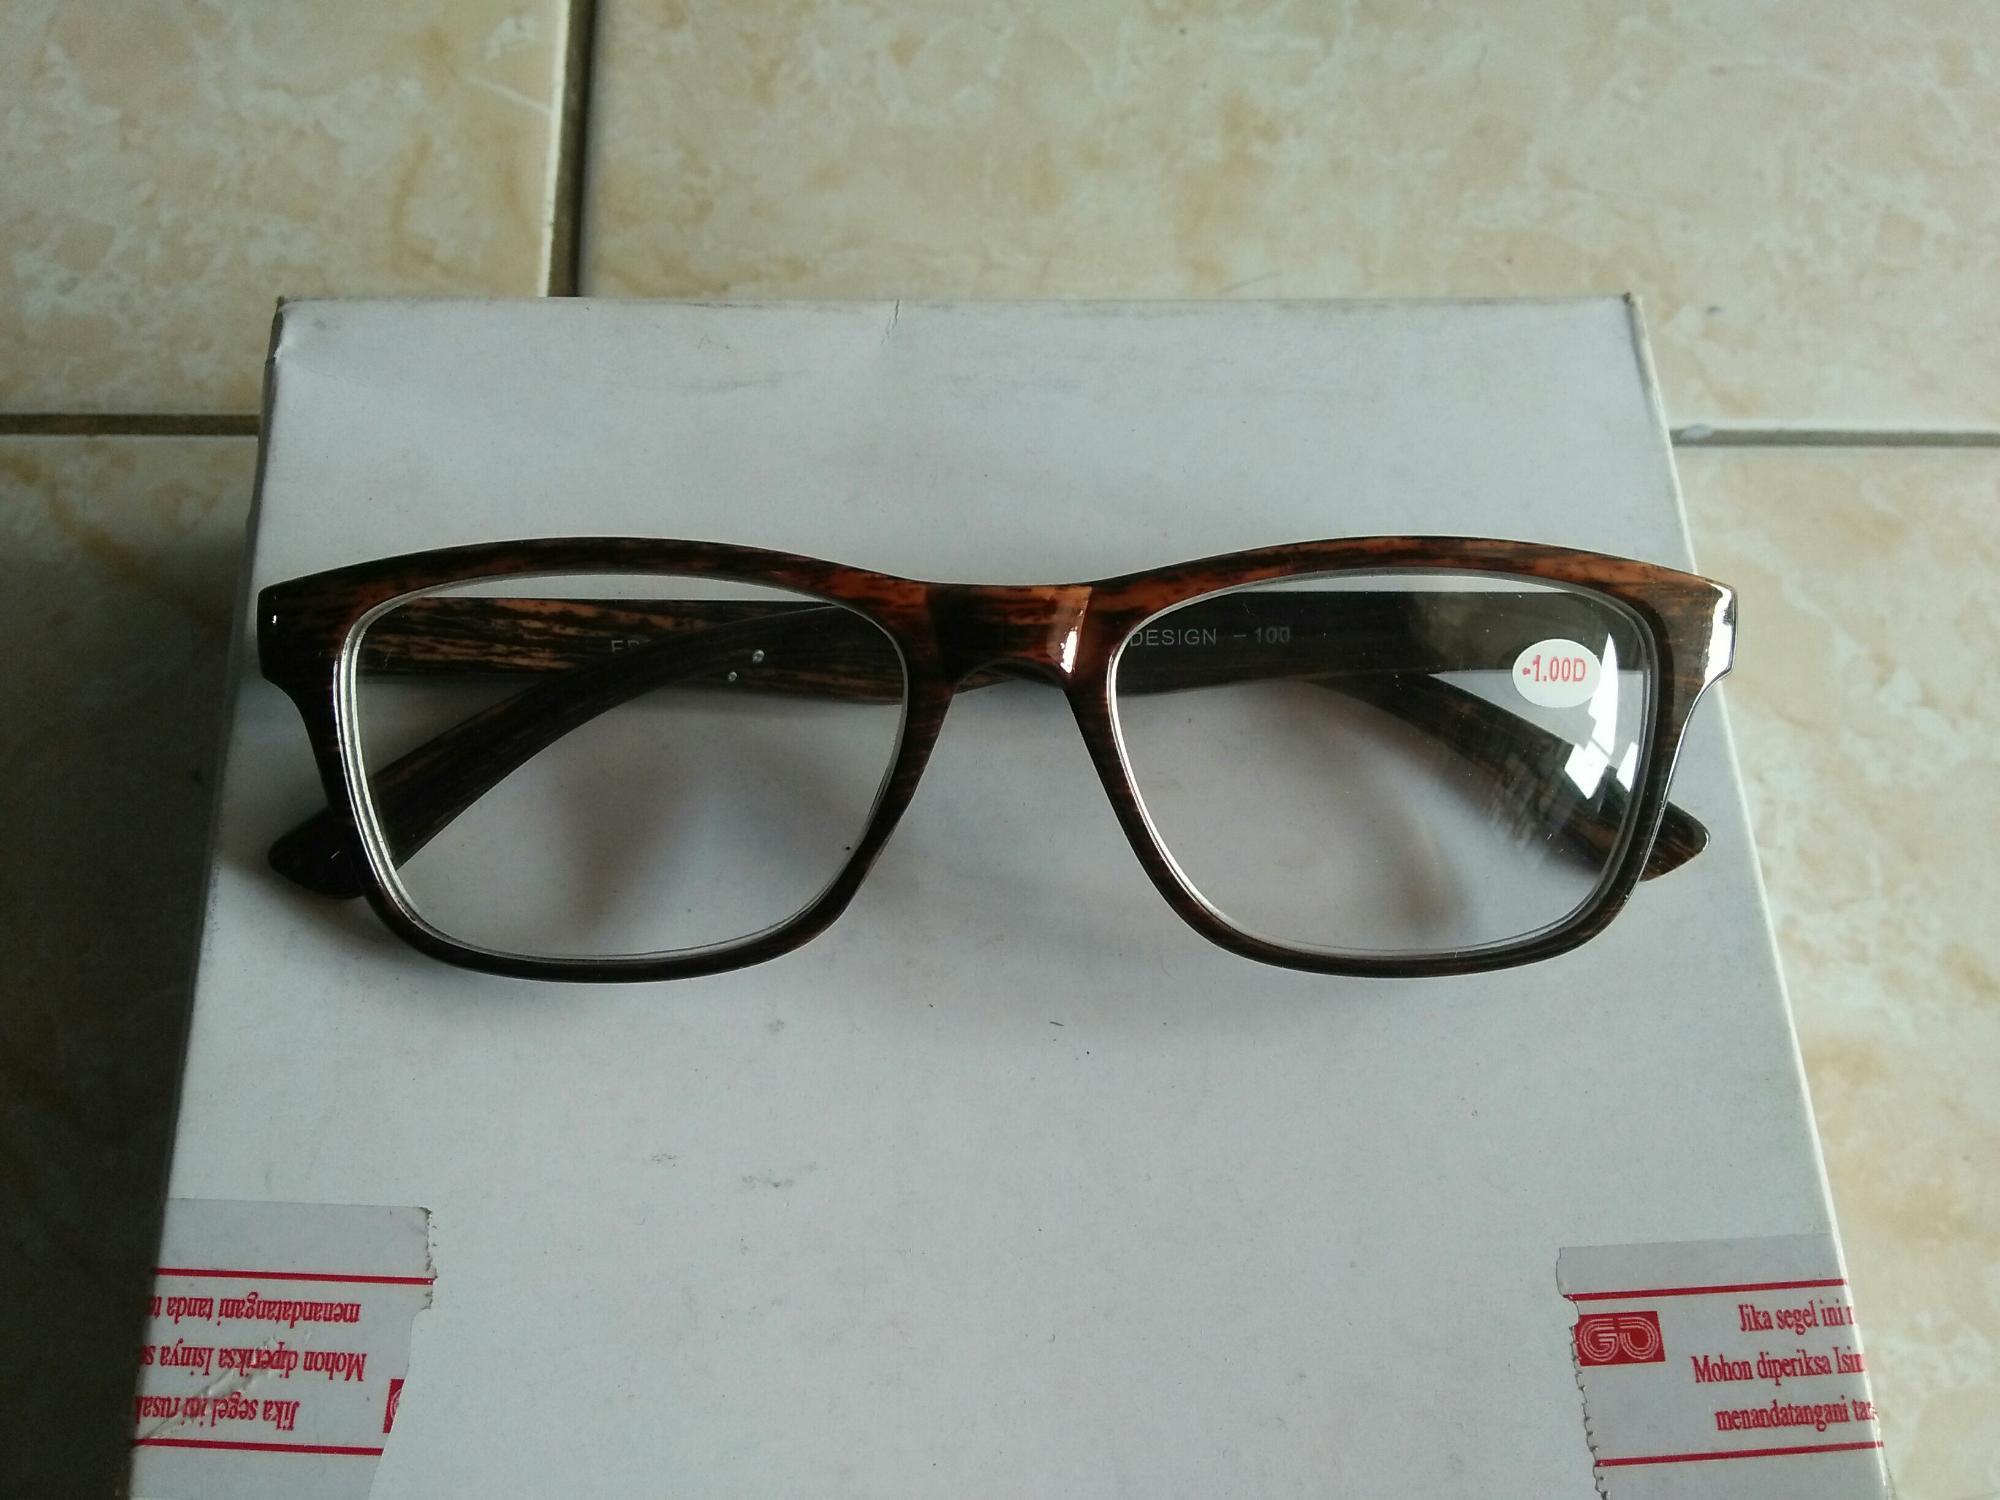 Kacamata minus 1.00 kacamata baca motif kayu coklat trendy EB026